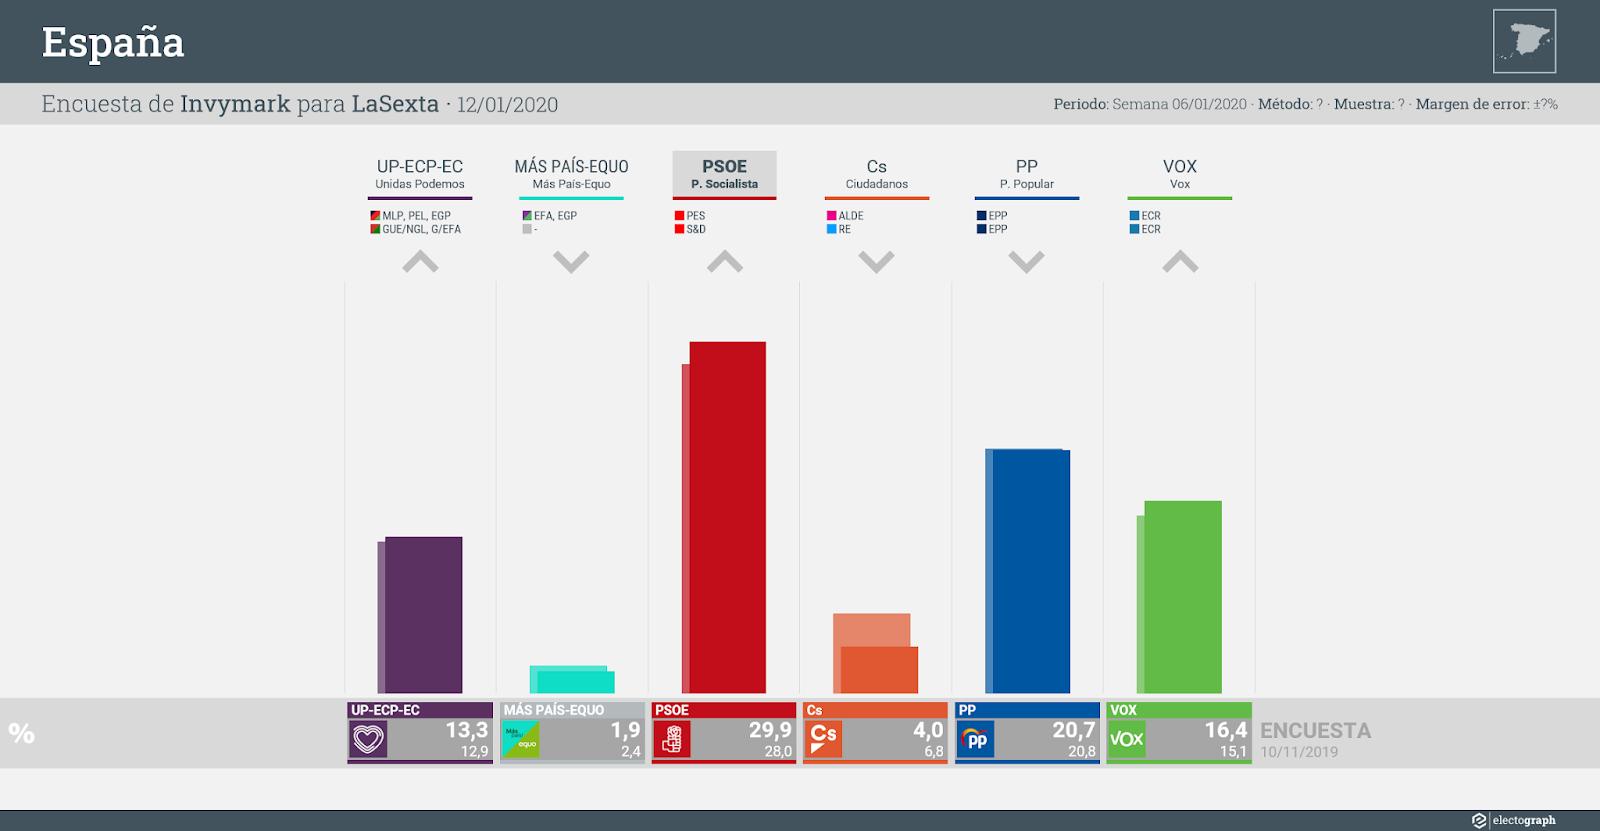 Gráfico de la encuesta para elecciones generales en España realizada por Invymark para LaSexta, 12 de enero de 2020